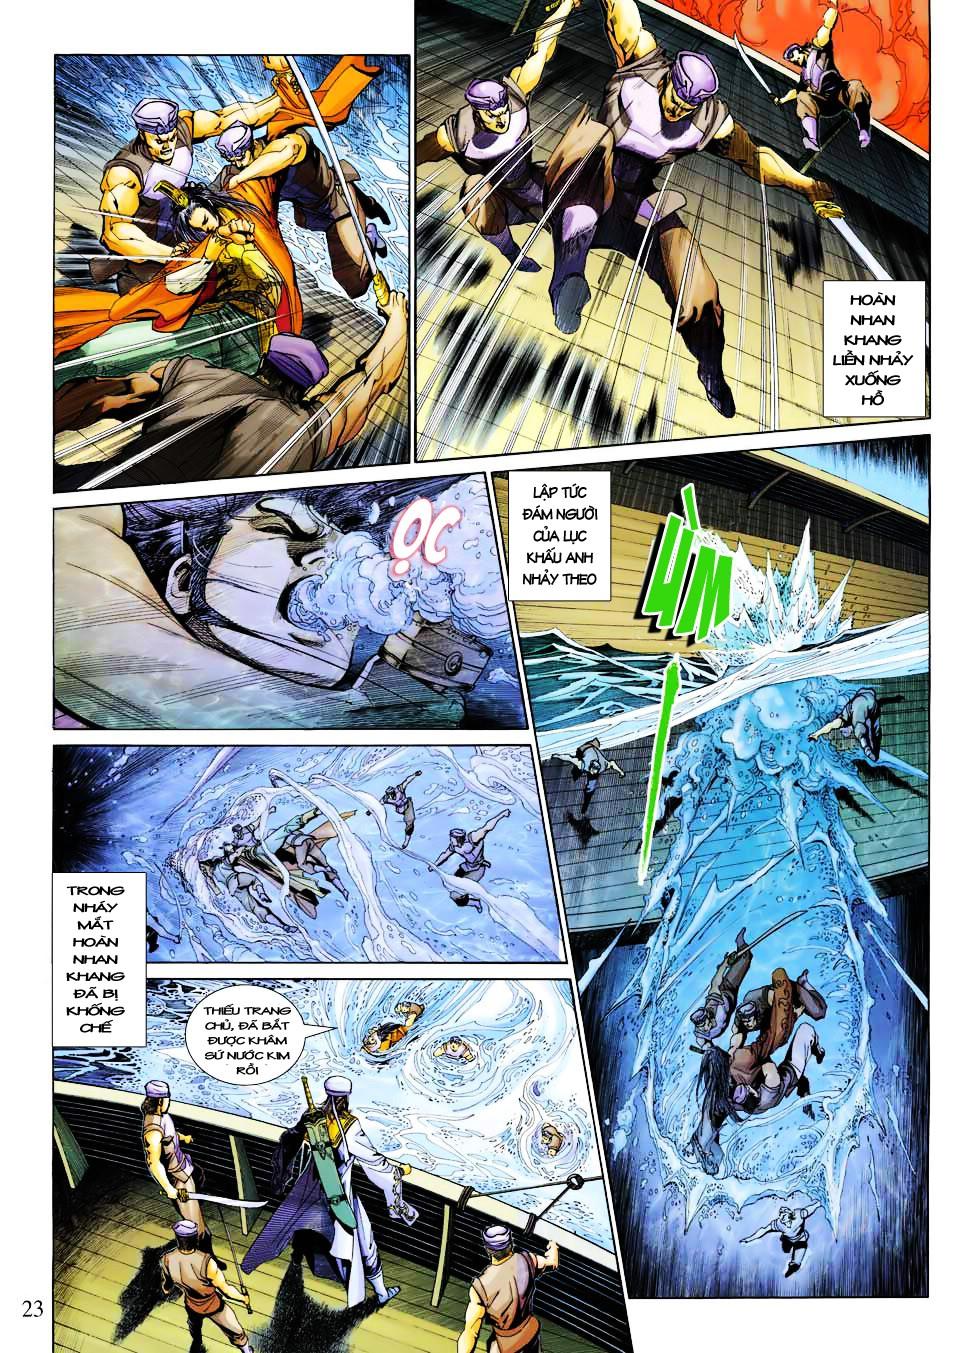 Anh Hùng Xạ Điêu anh hùng xạ đêu chap 27 trang 23